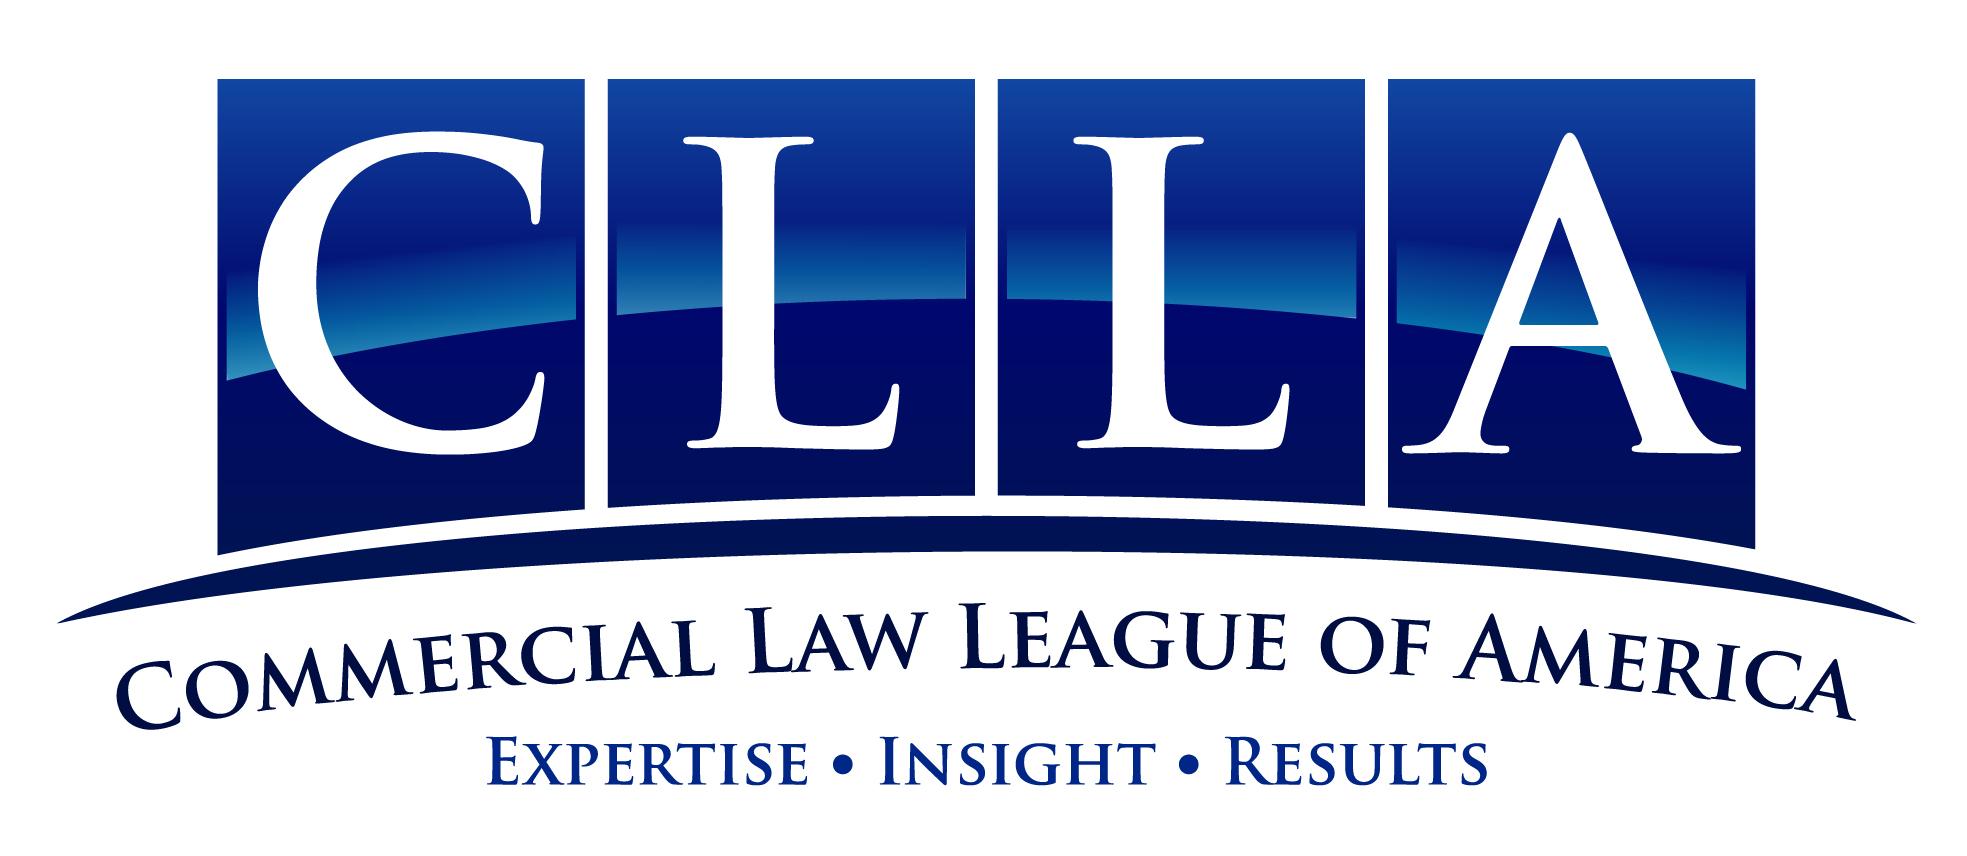 CLLA Full Color Logo-01.jpg